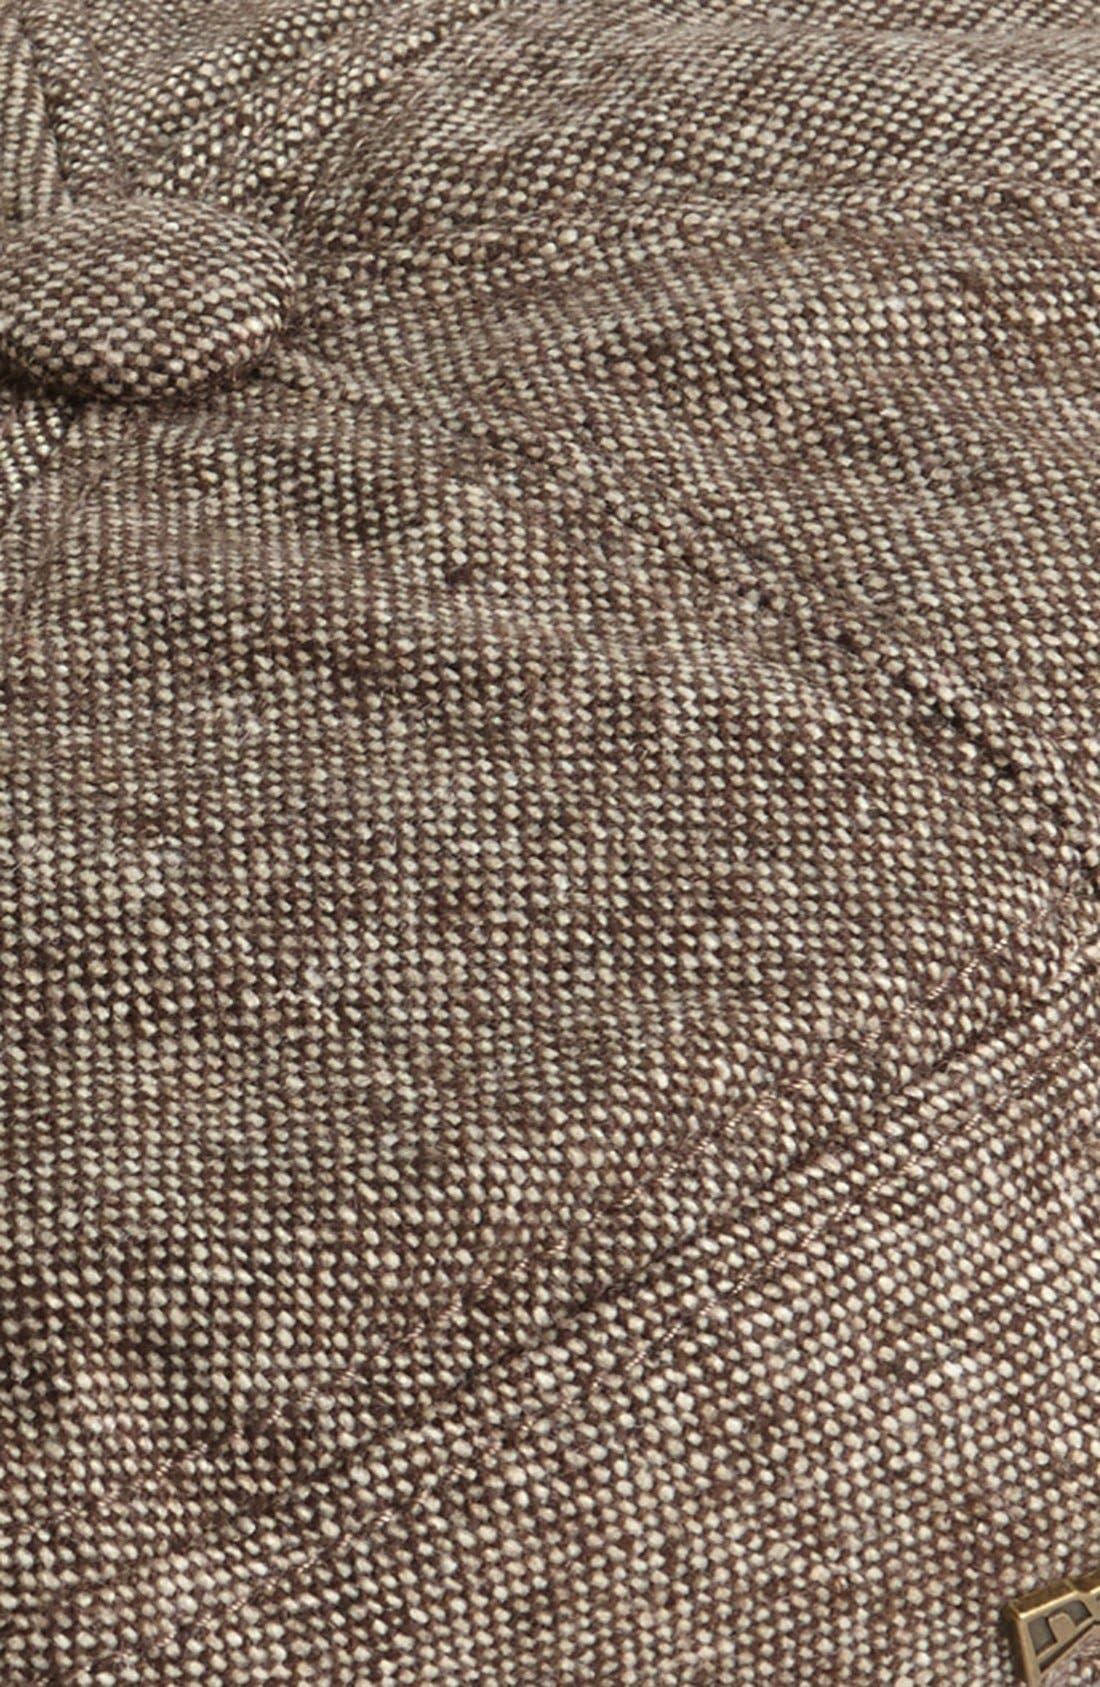 Alternate Image 2  - New Era Cap 'EK®' Tweed Driving Cap